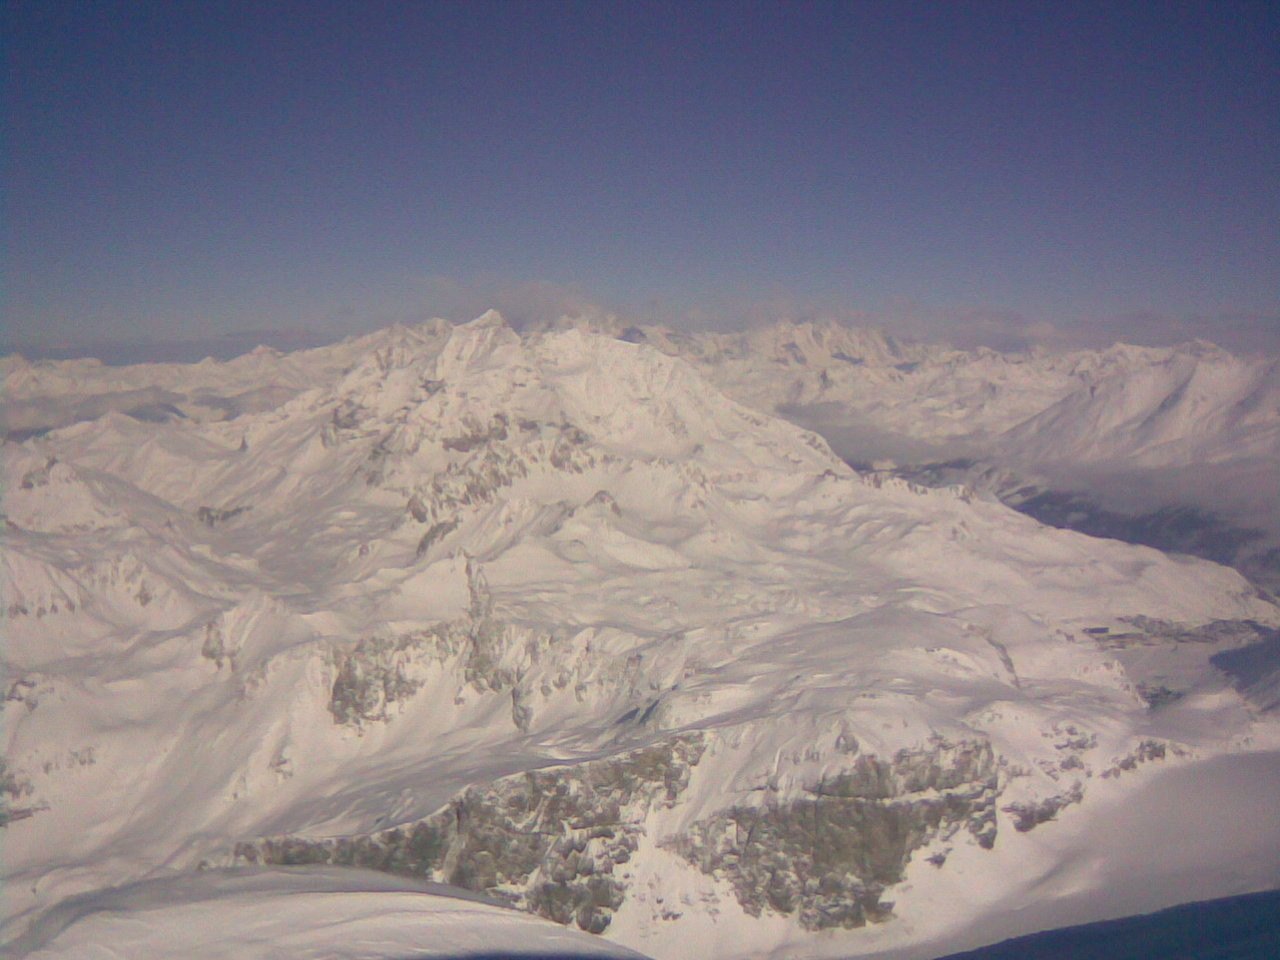 Premier plan le Mont Pourri,derrière le Mont-Blanc dans son grand nuage blanc, brr... il fait froid